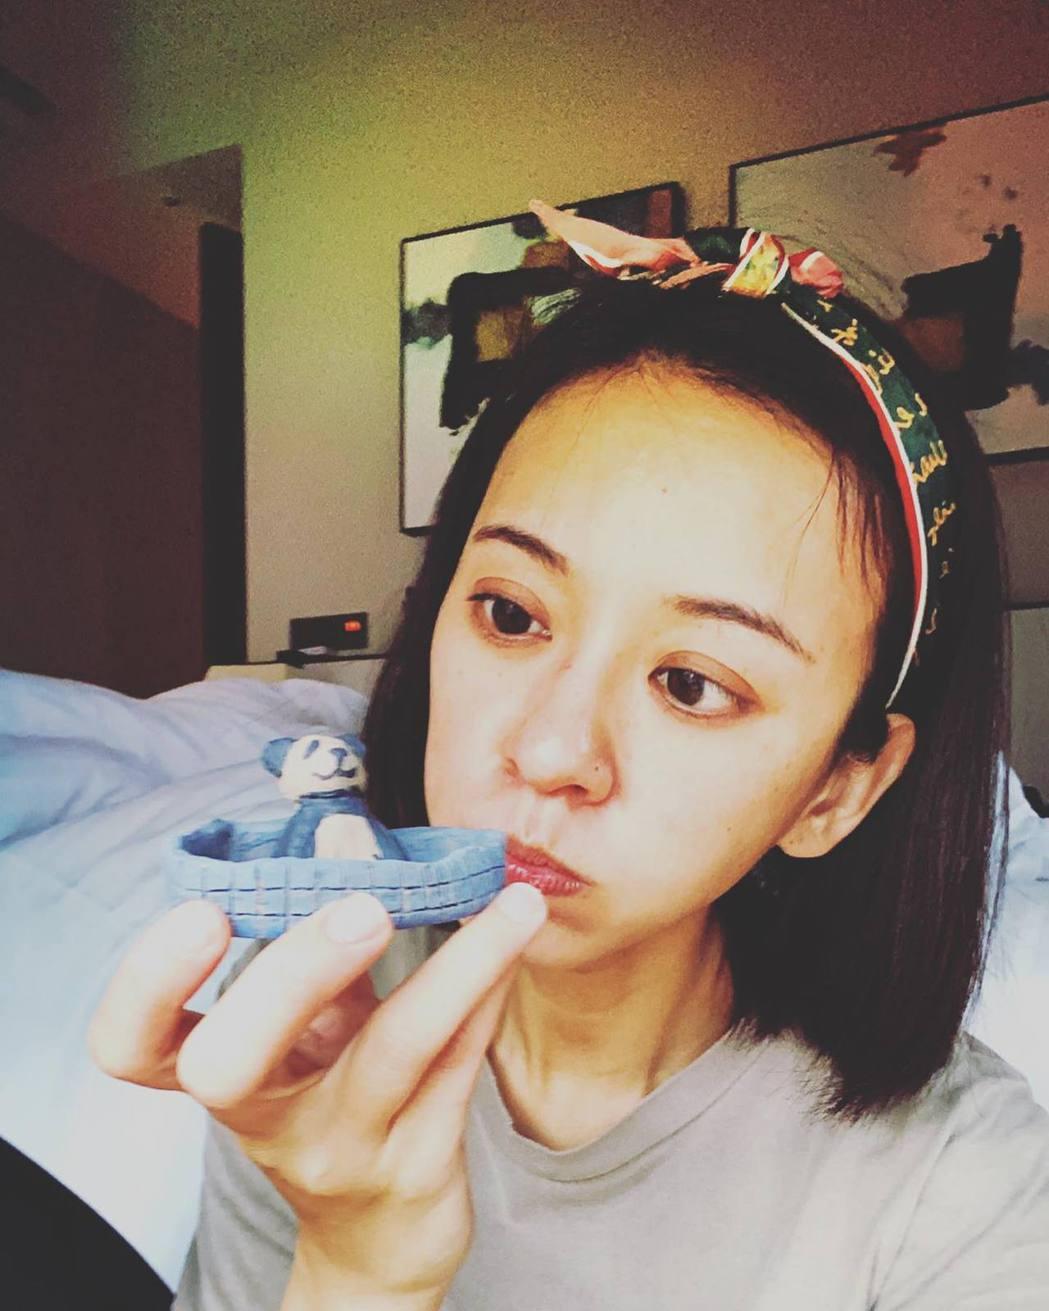 陳意涵日前在酒店式公寓隔離時,還抽空做了一隻熊貓造型的醬碟。圖/摘自臉書